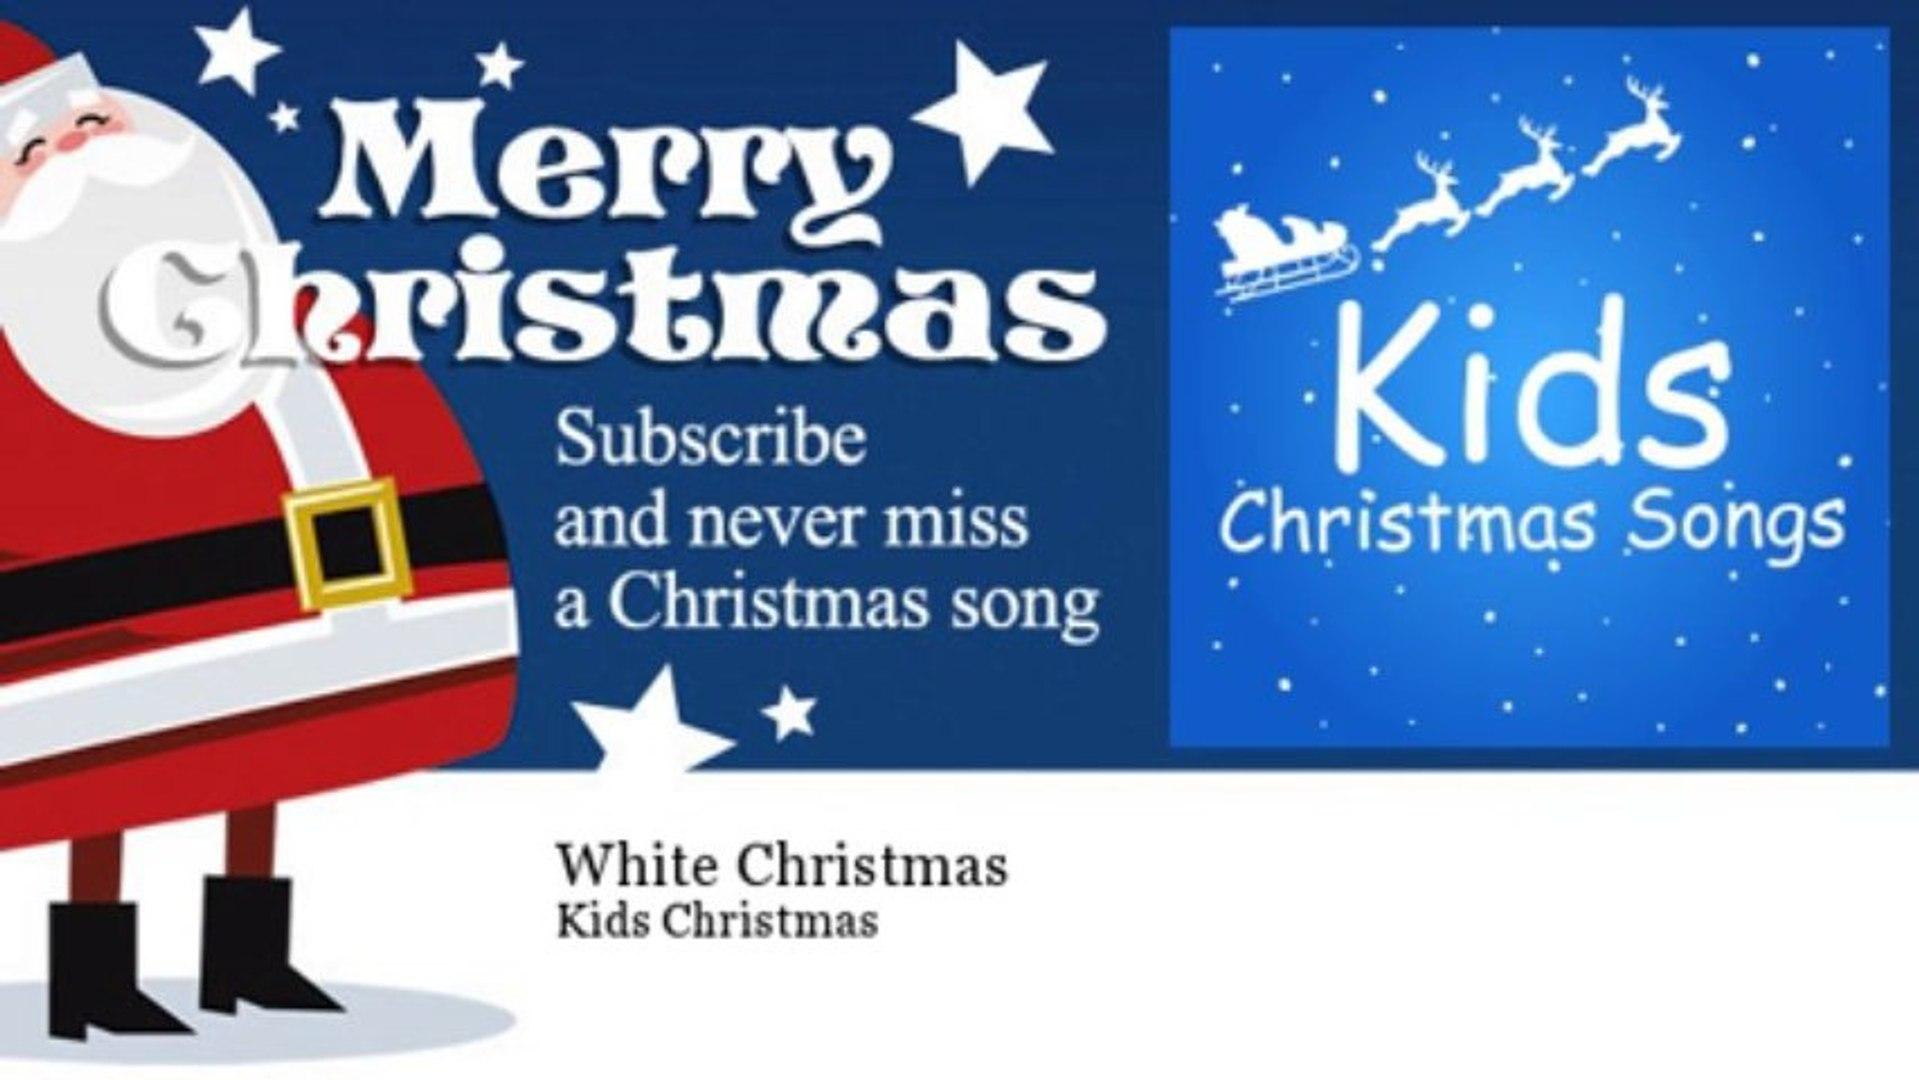 Kids Christmas - White Christmas